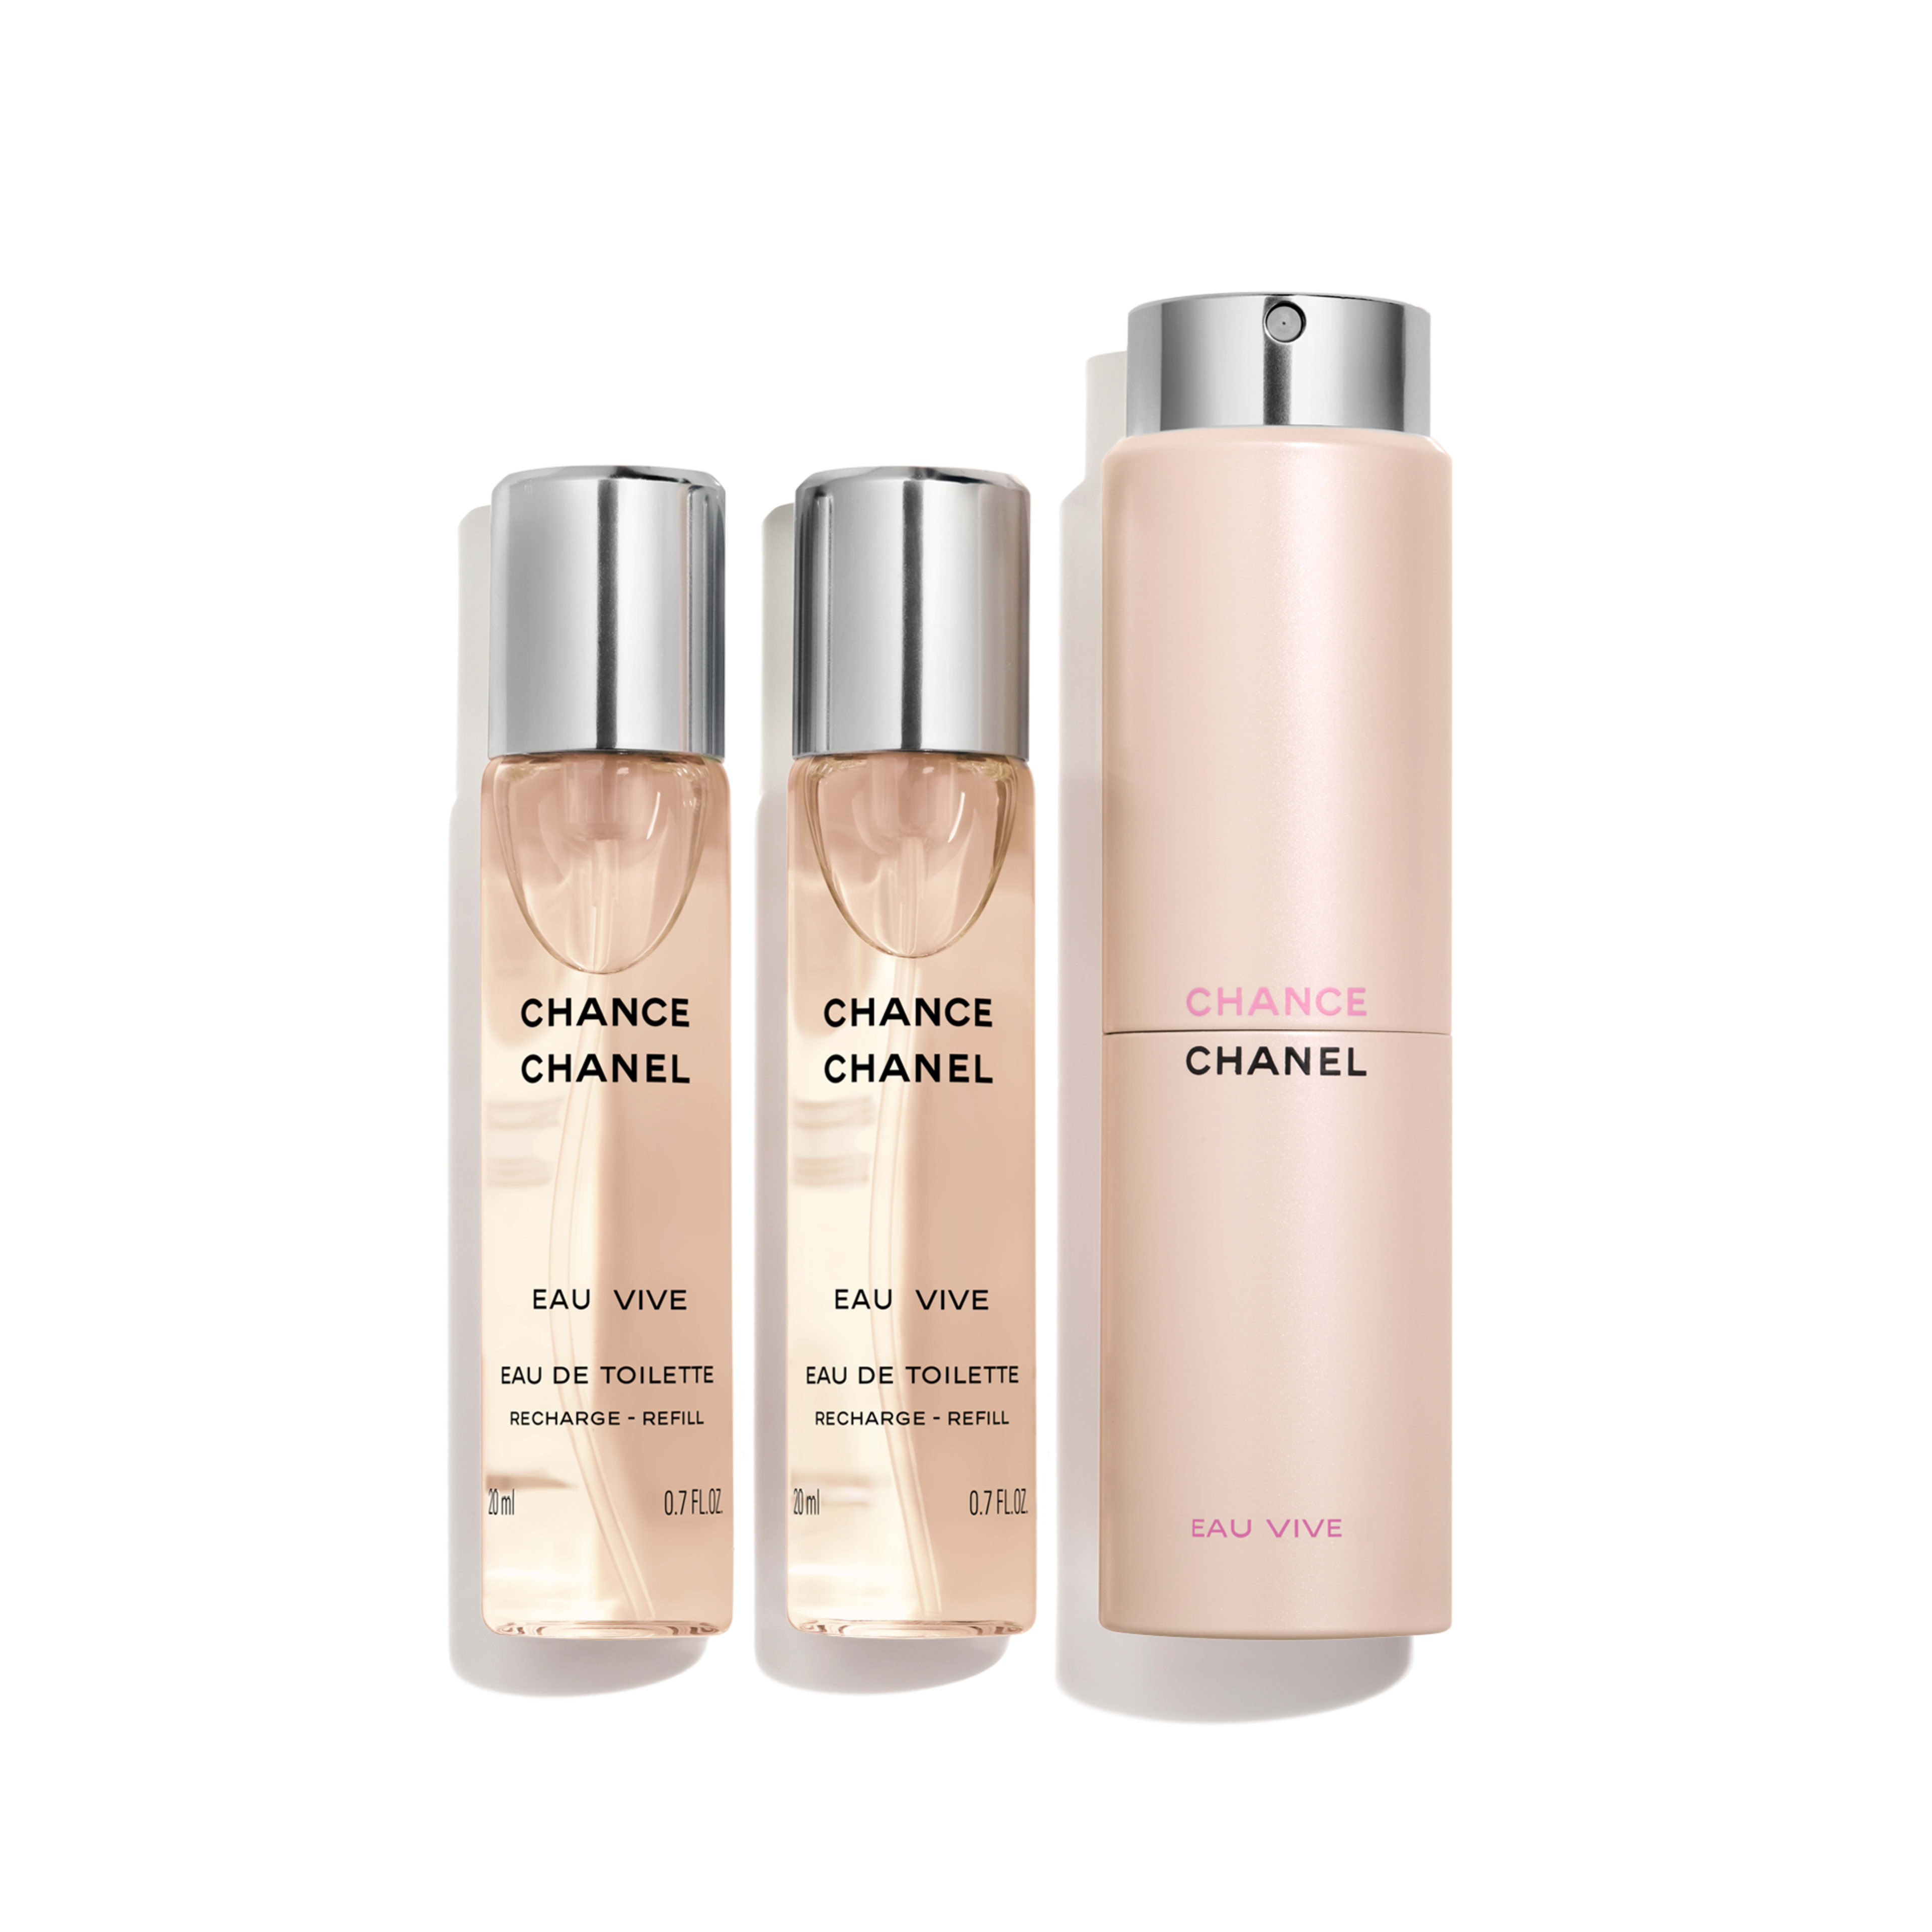 CHANCE EAU VIVE - fragrance - 3x20ml - Default view